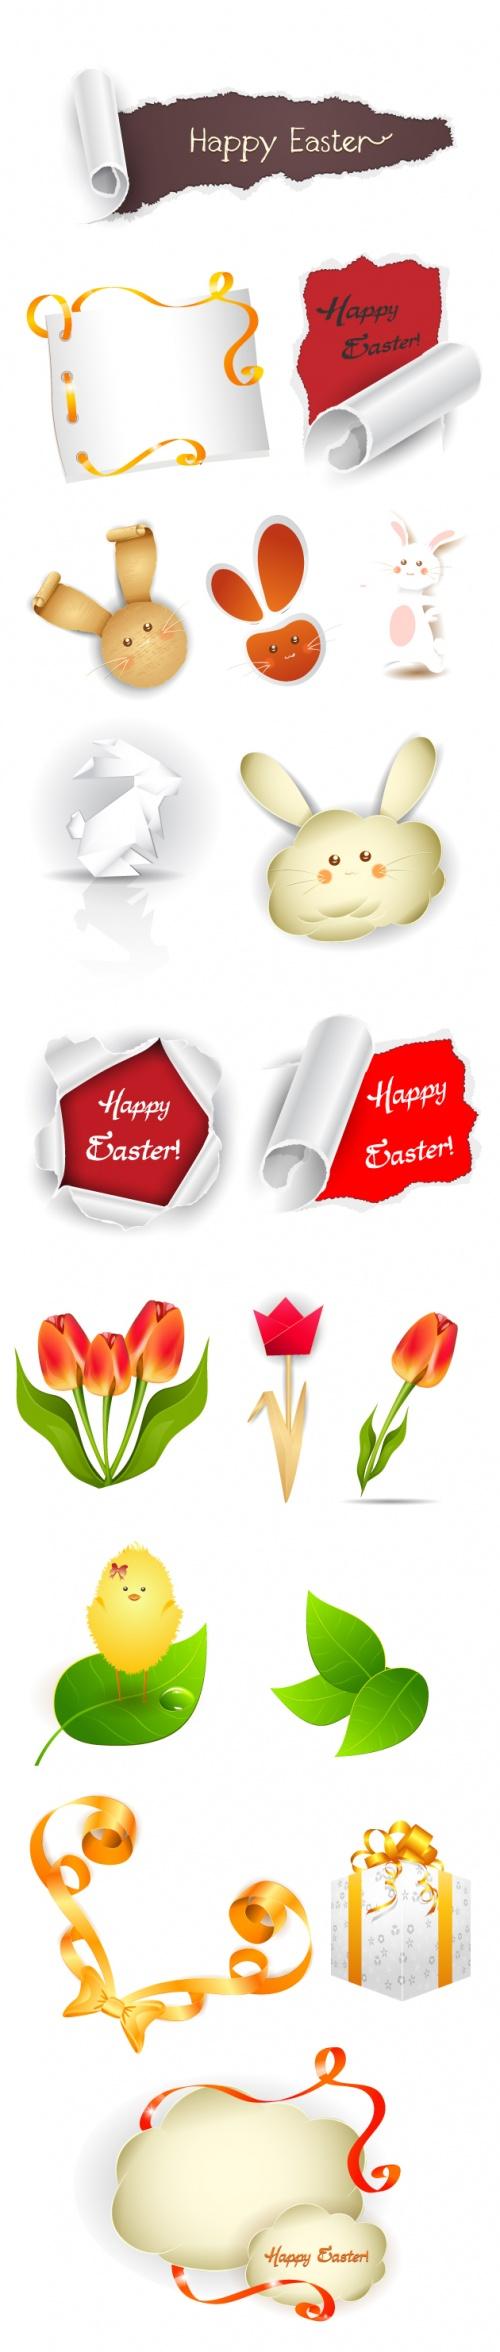 Designtnt - Vector Easter Elements Set 2